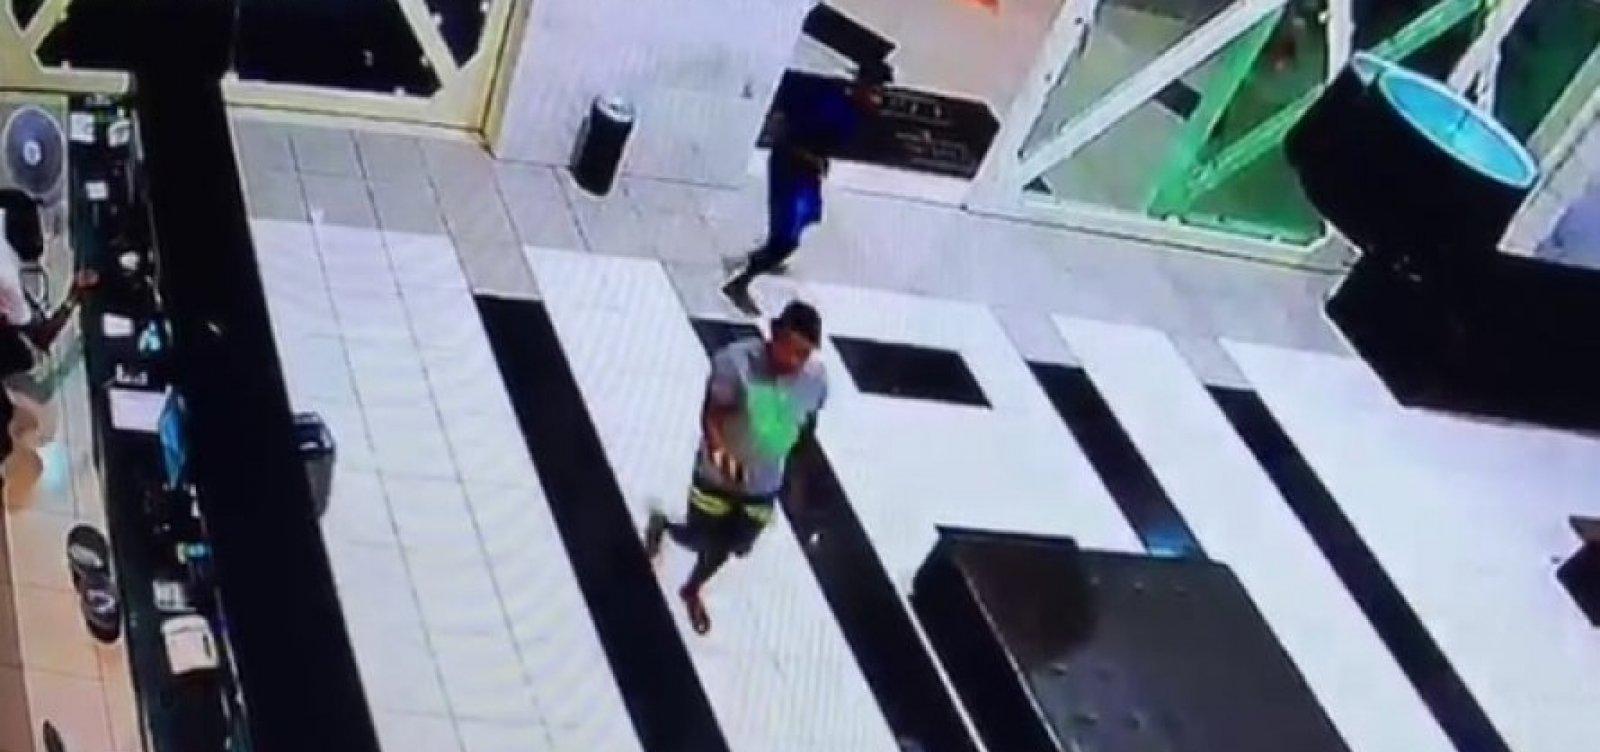 [Hóspede é baleado durante assalto em flat na região do Iguatemi; vídeo]